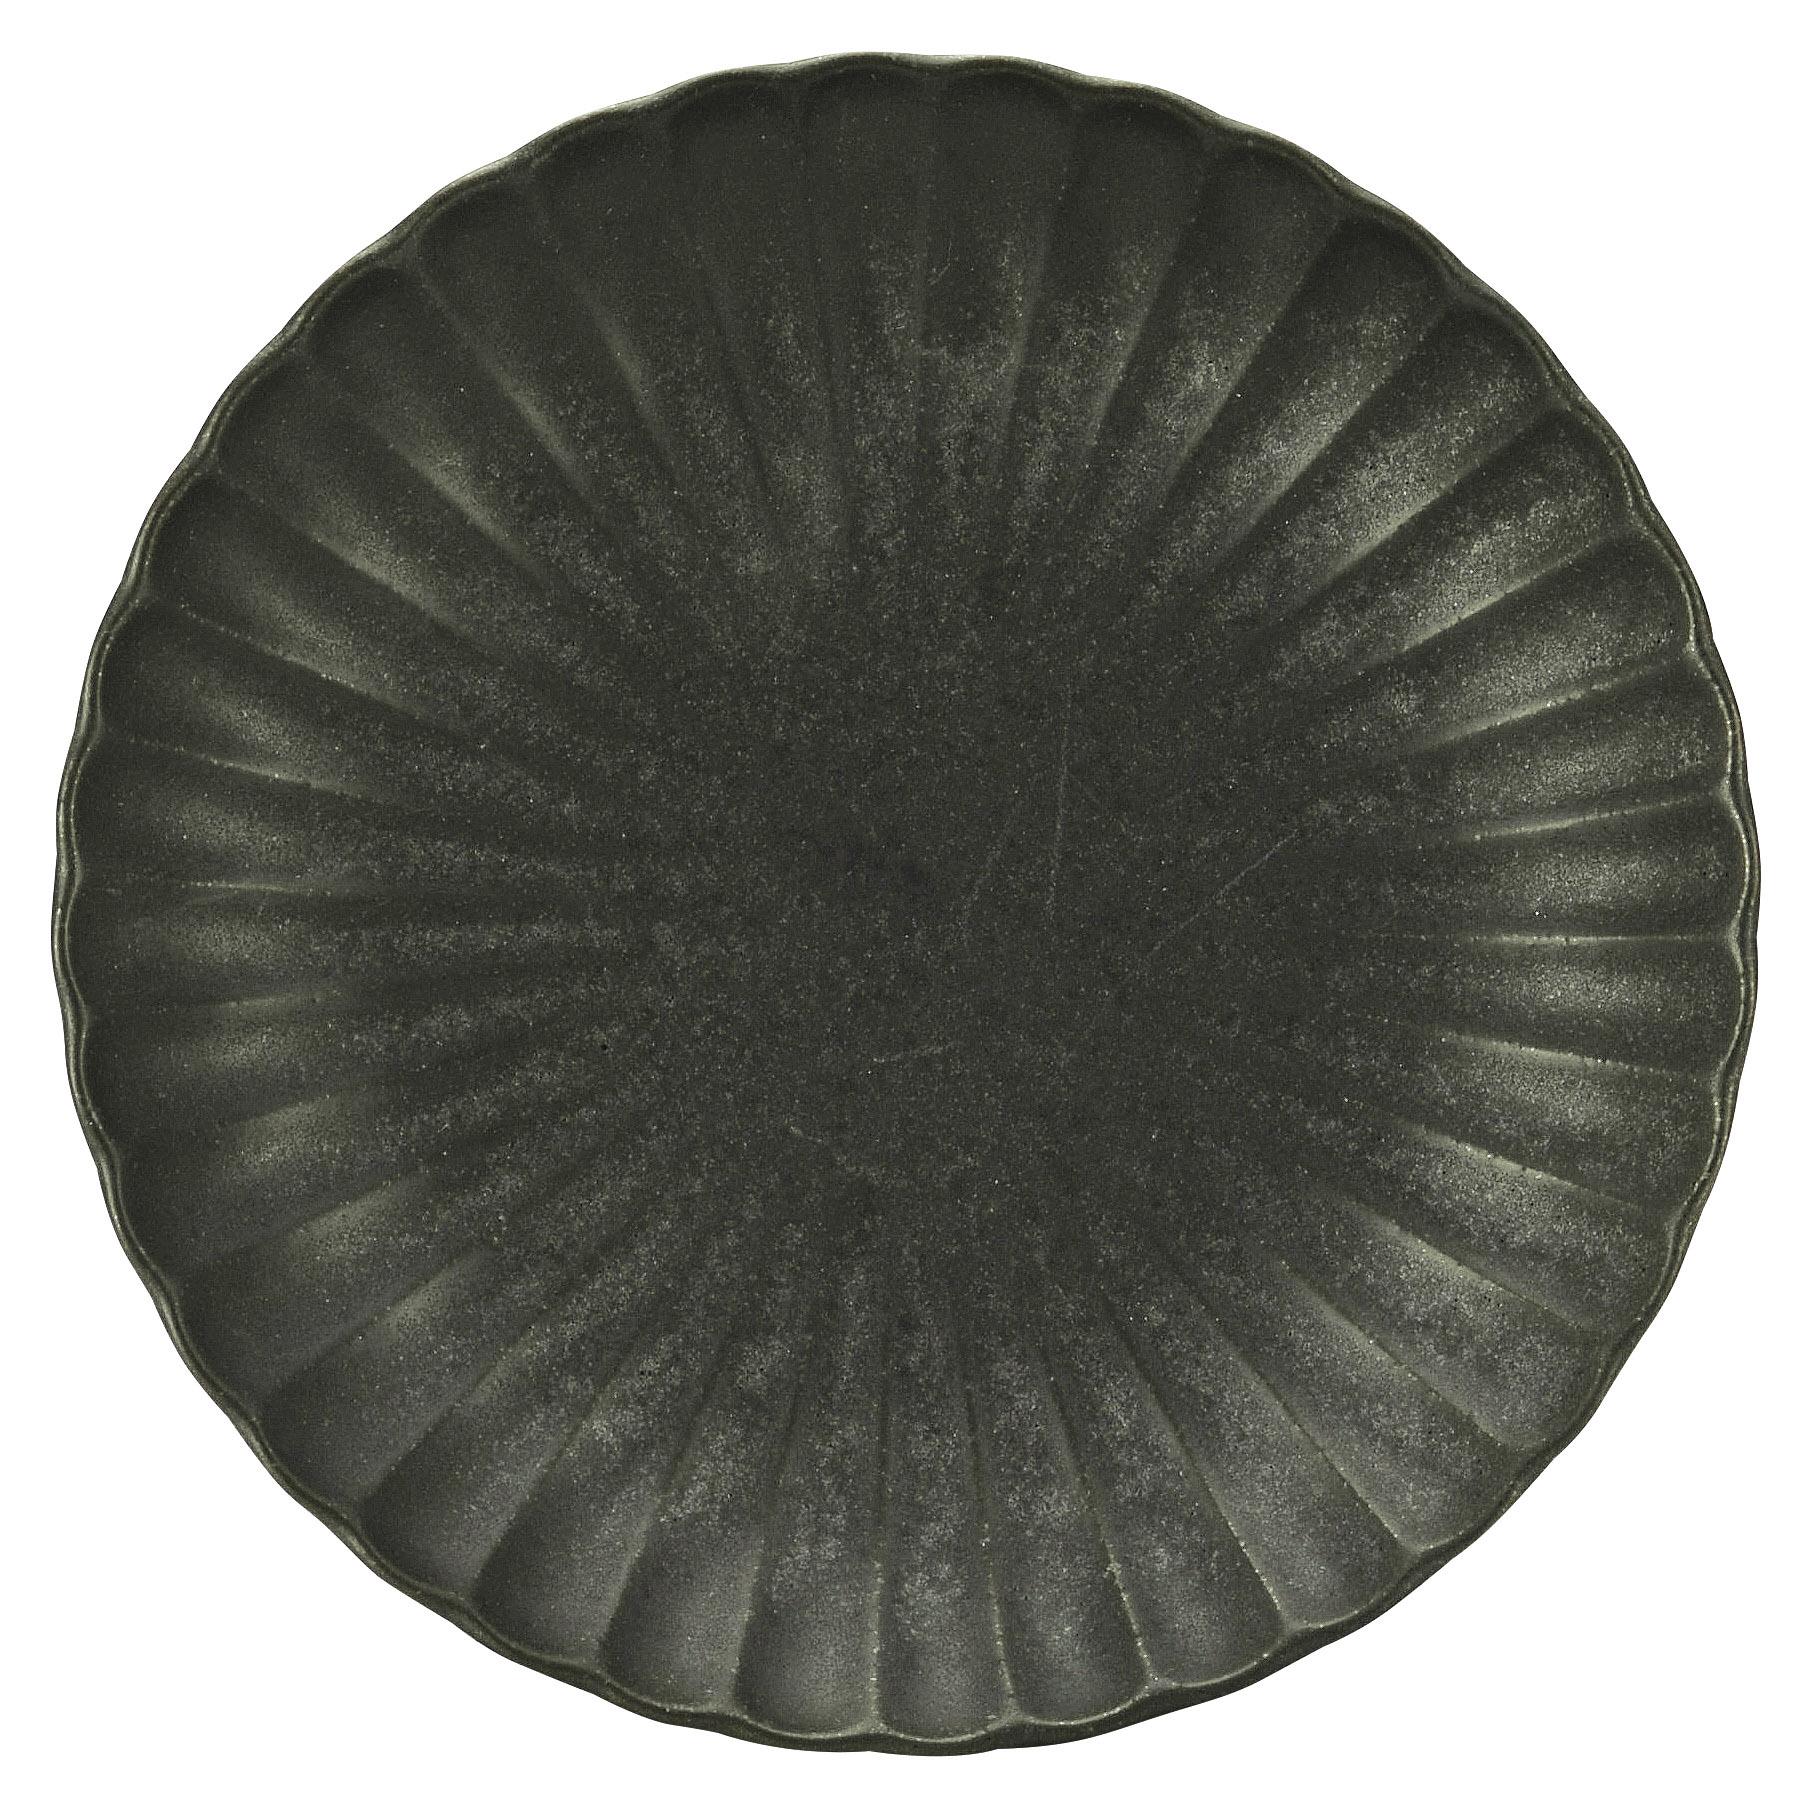 かすみ 黒 18cm丸皿 画像1